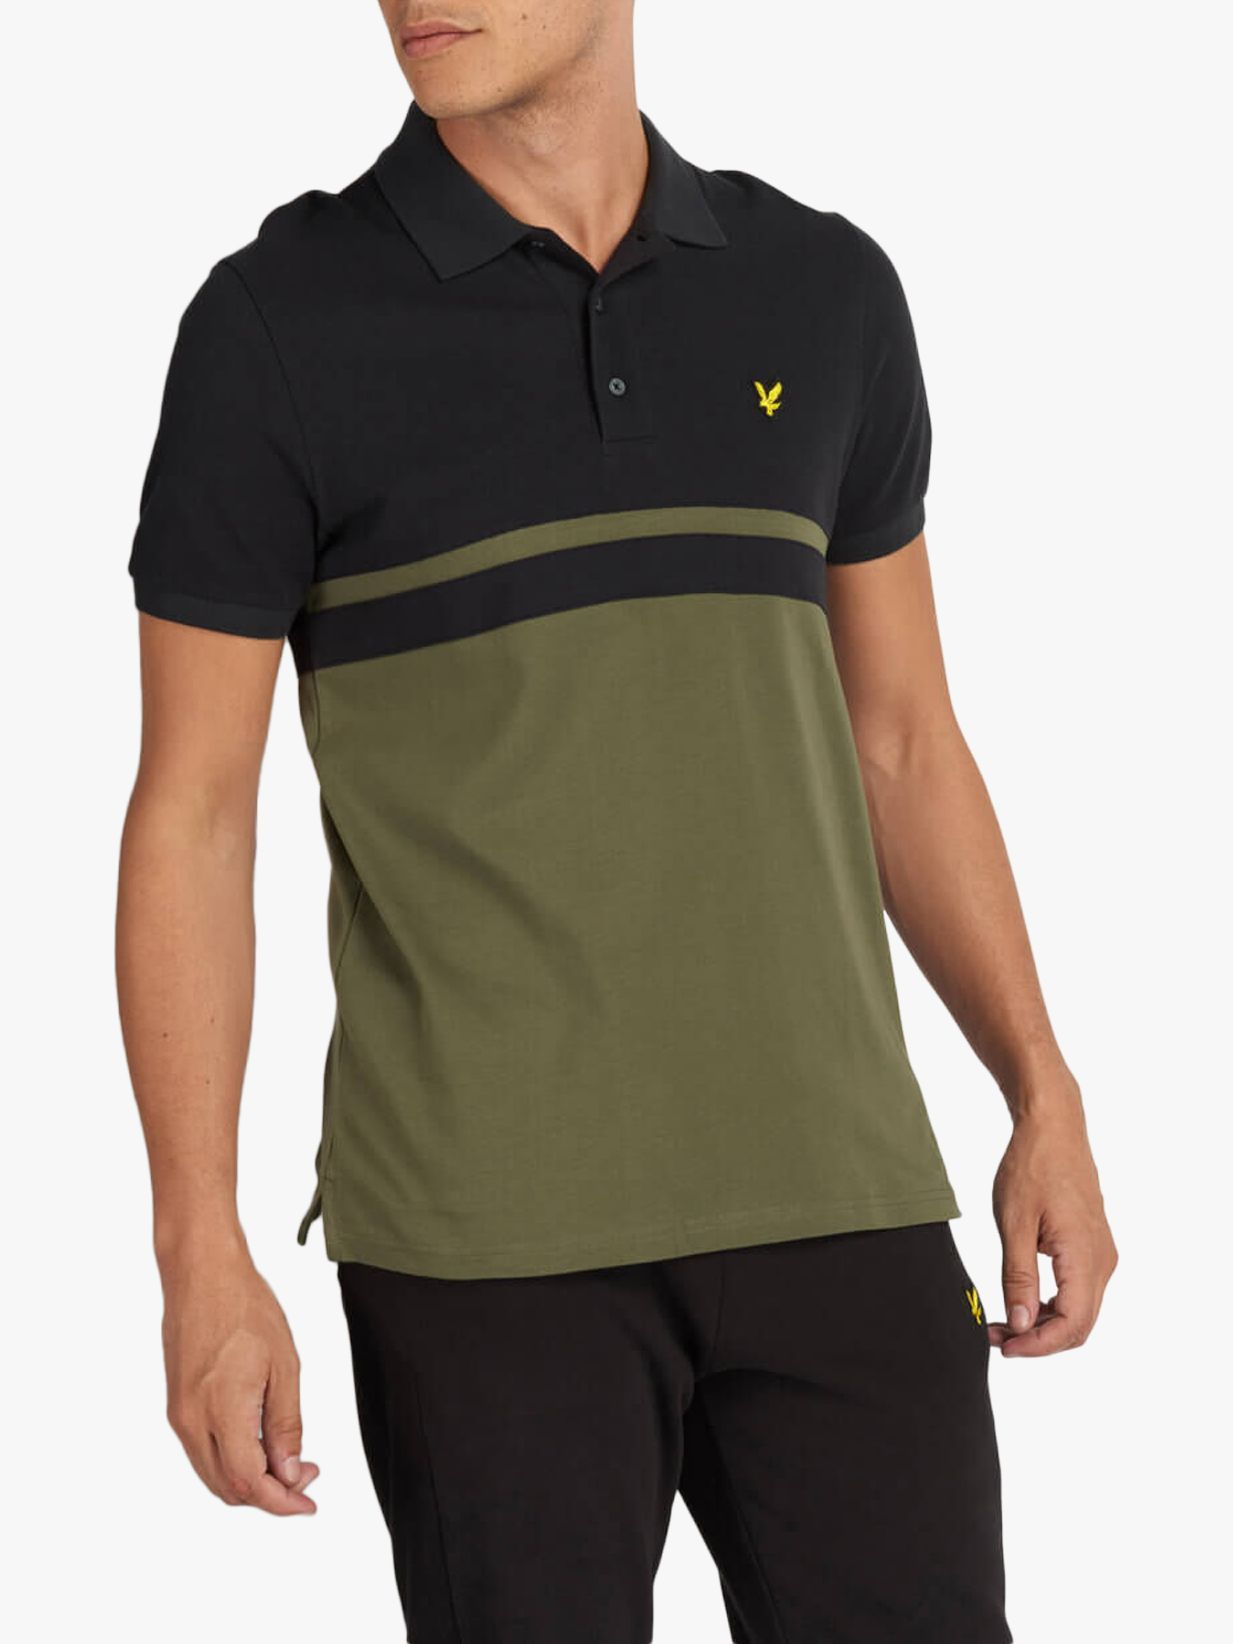 Lyle & Scott Lyle & Scott Colour Block Polo Shirt, True Black/Olive